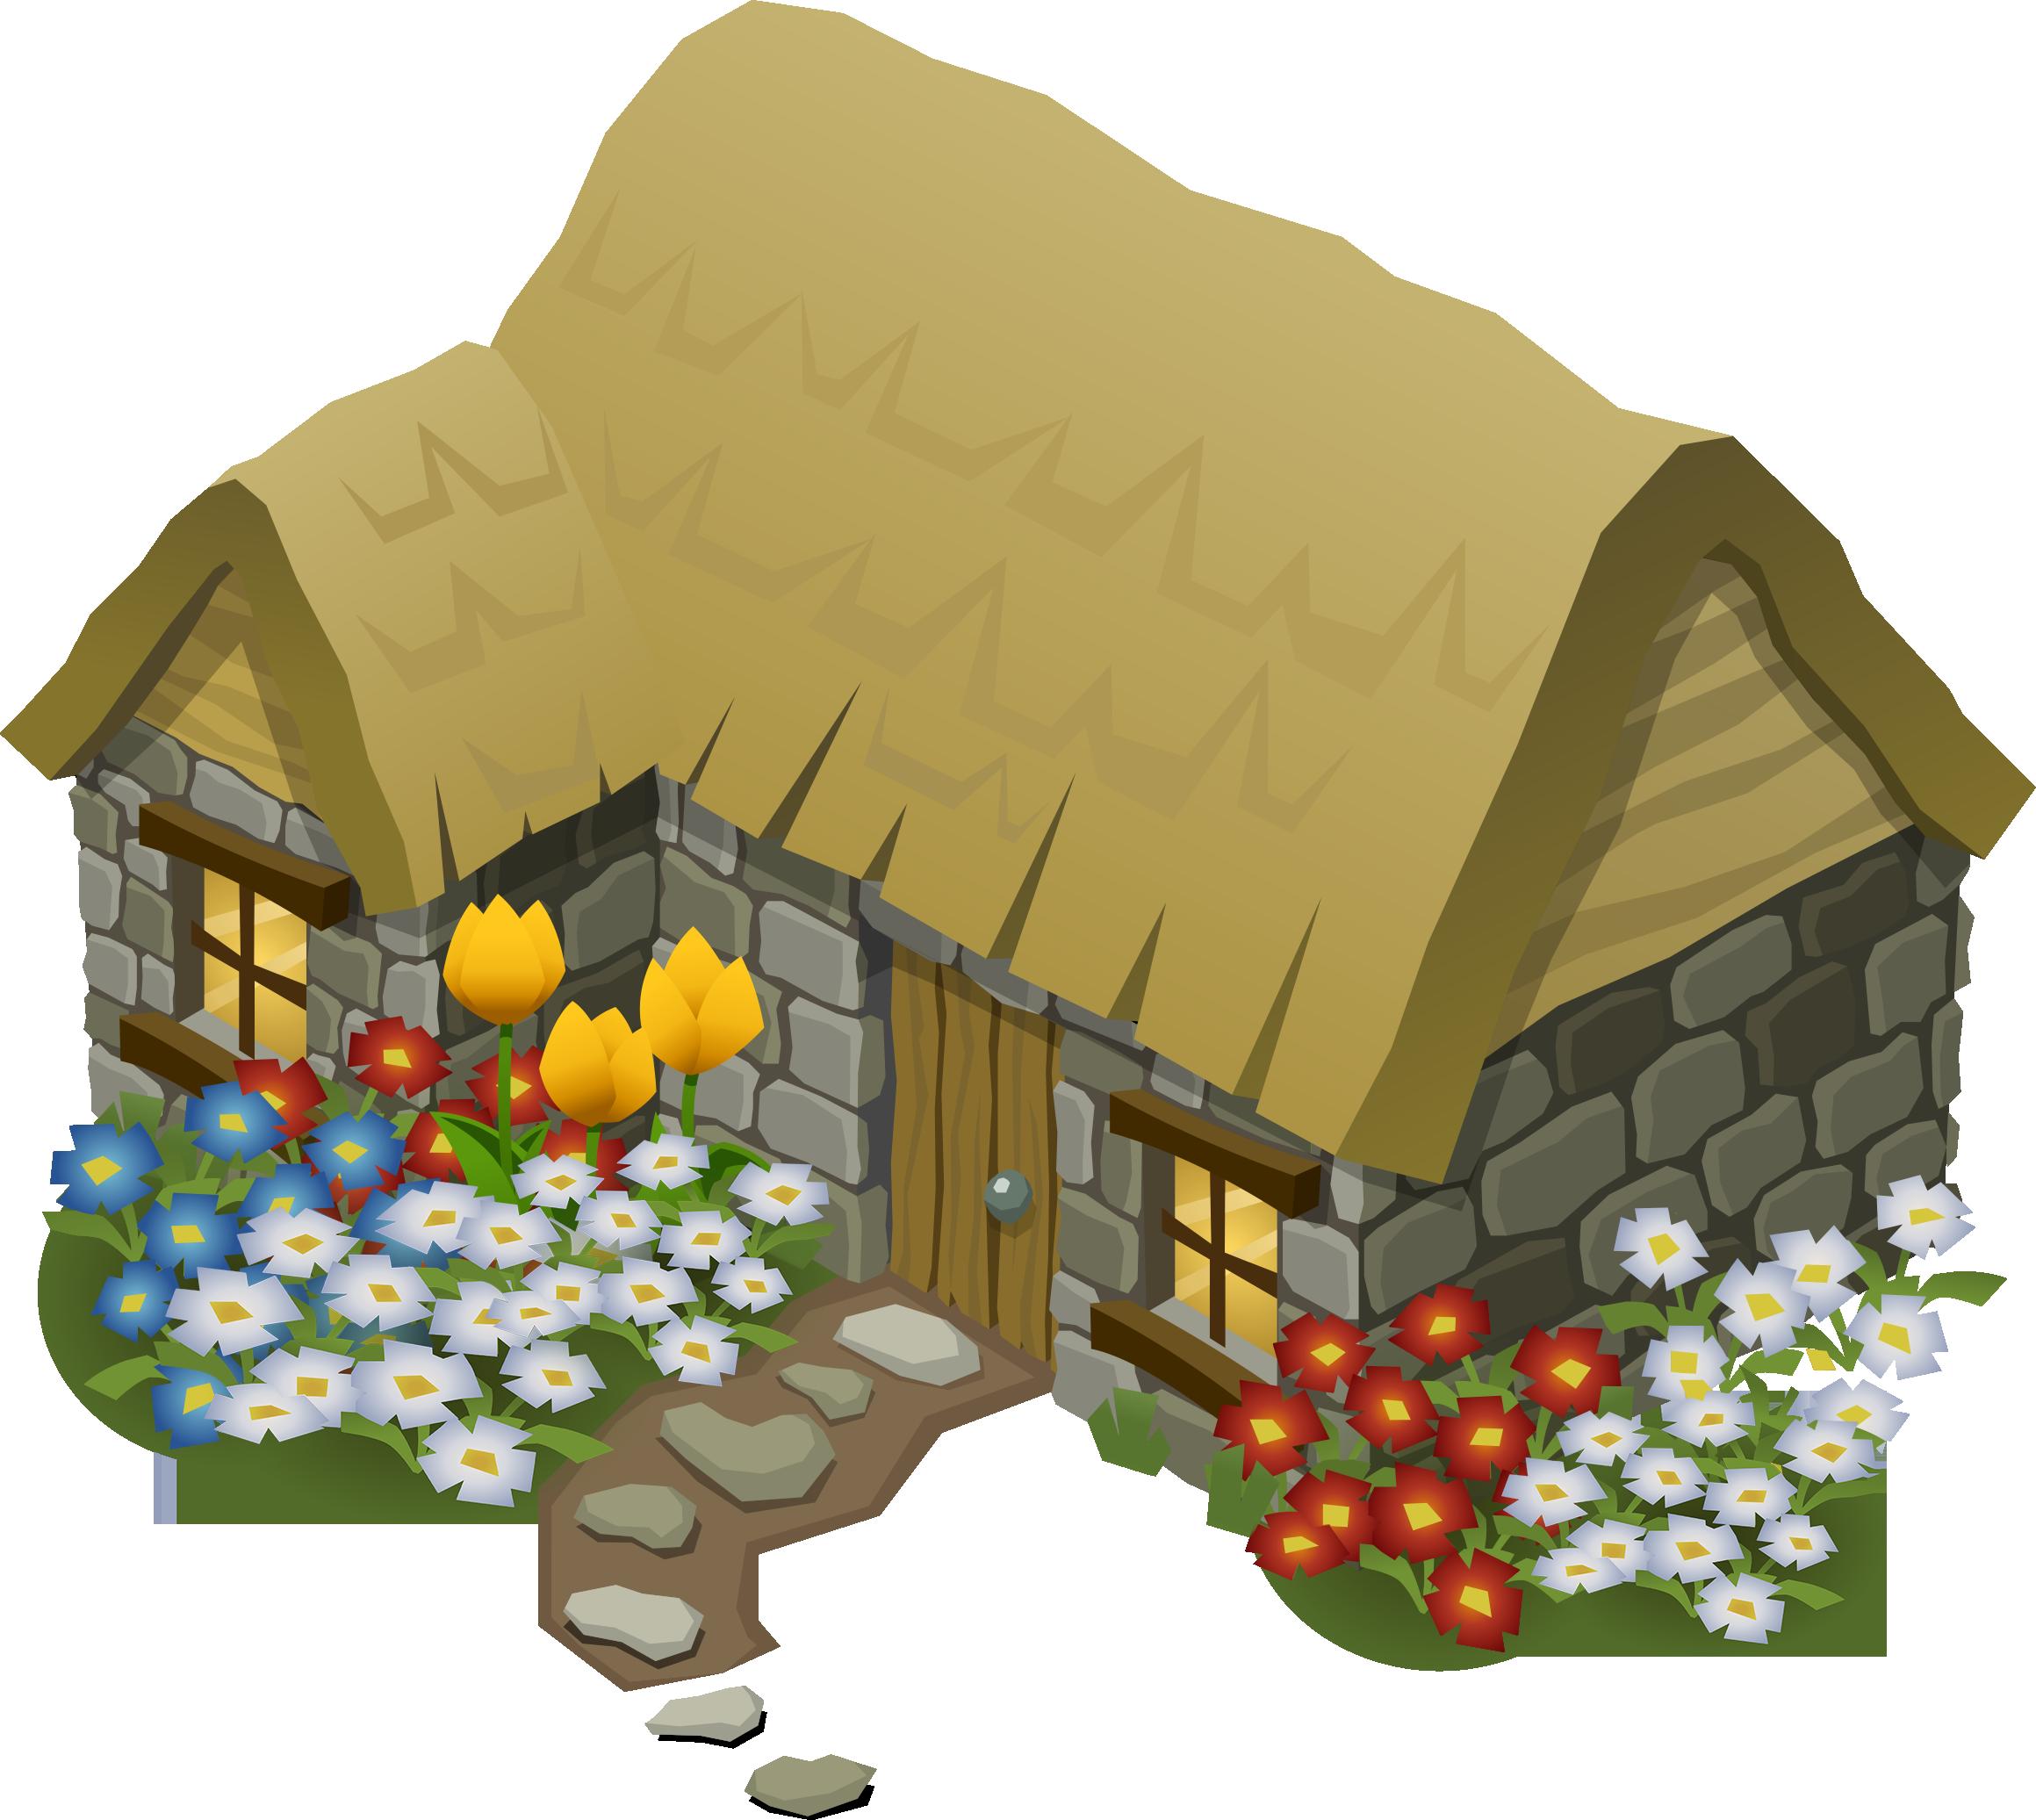 Spring Festival Cottage